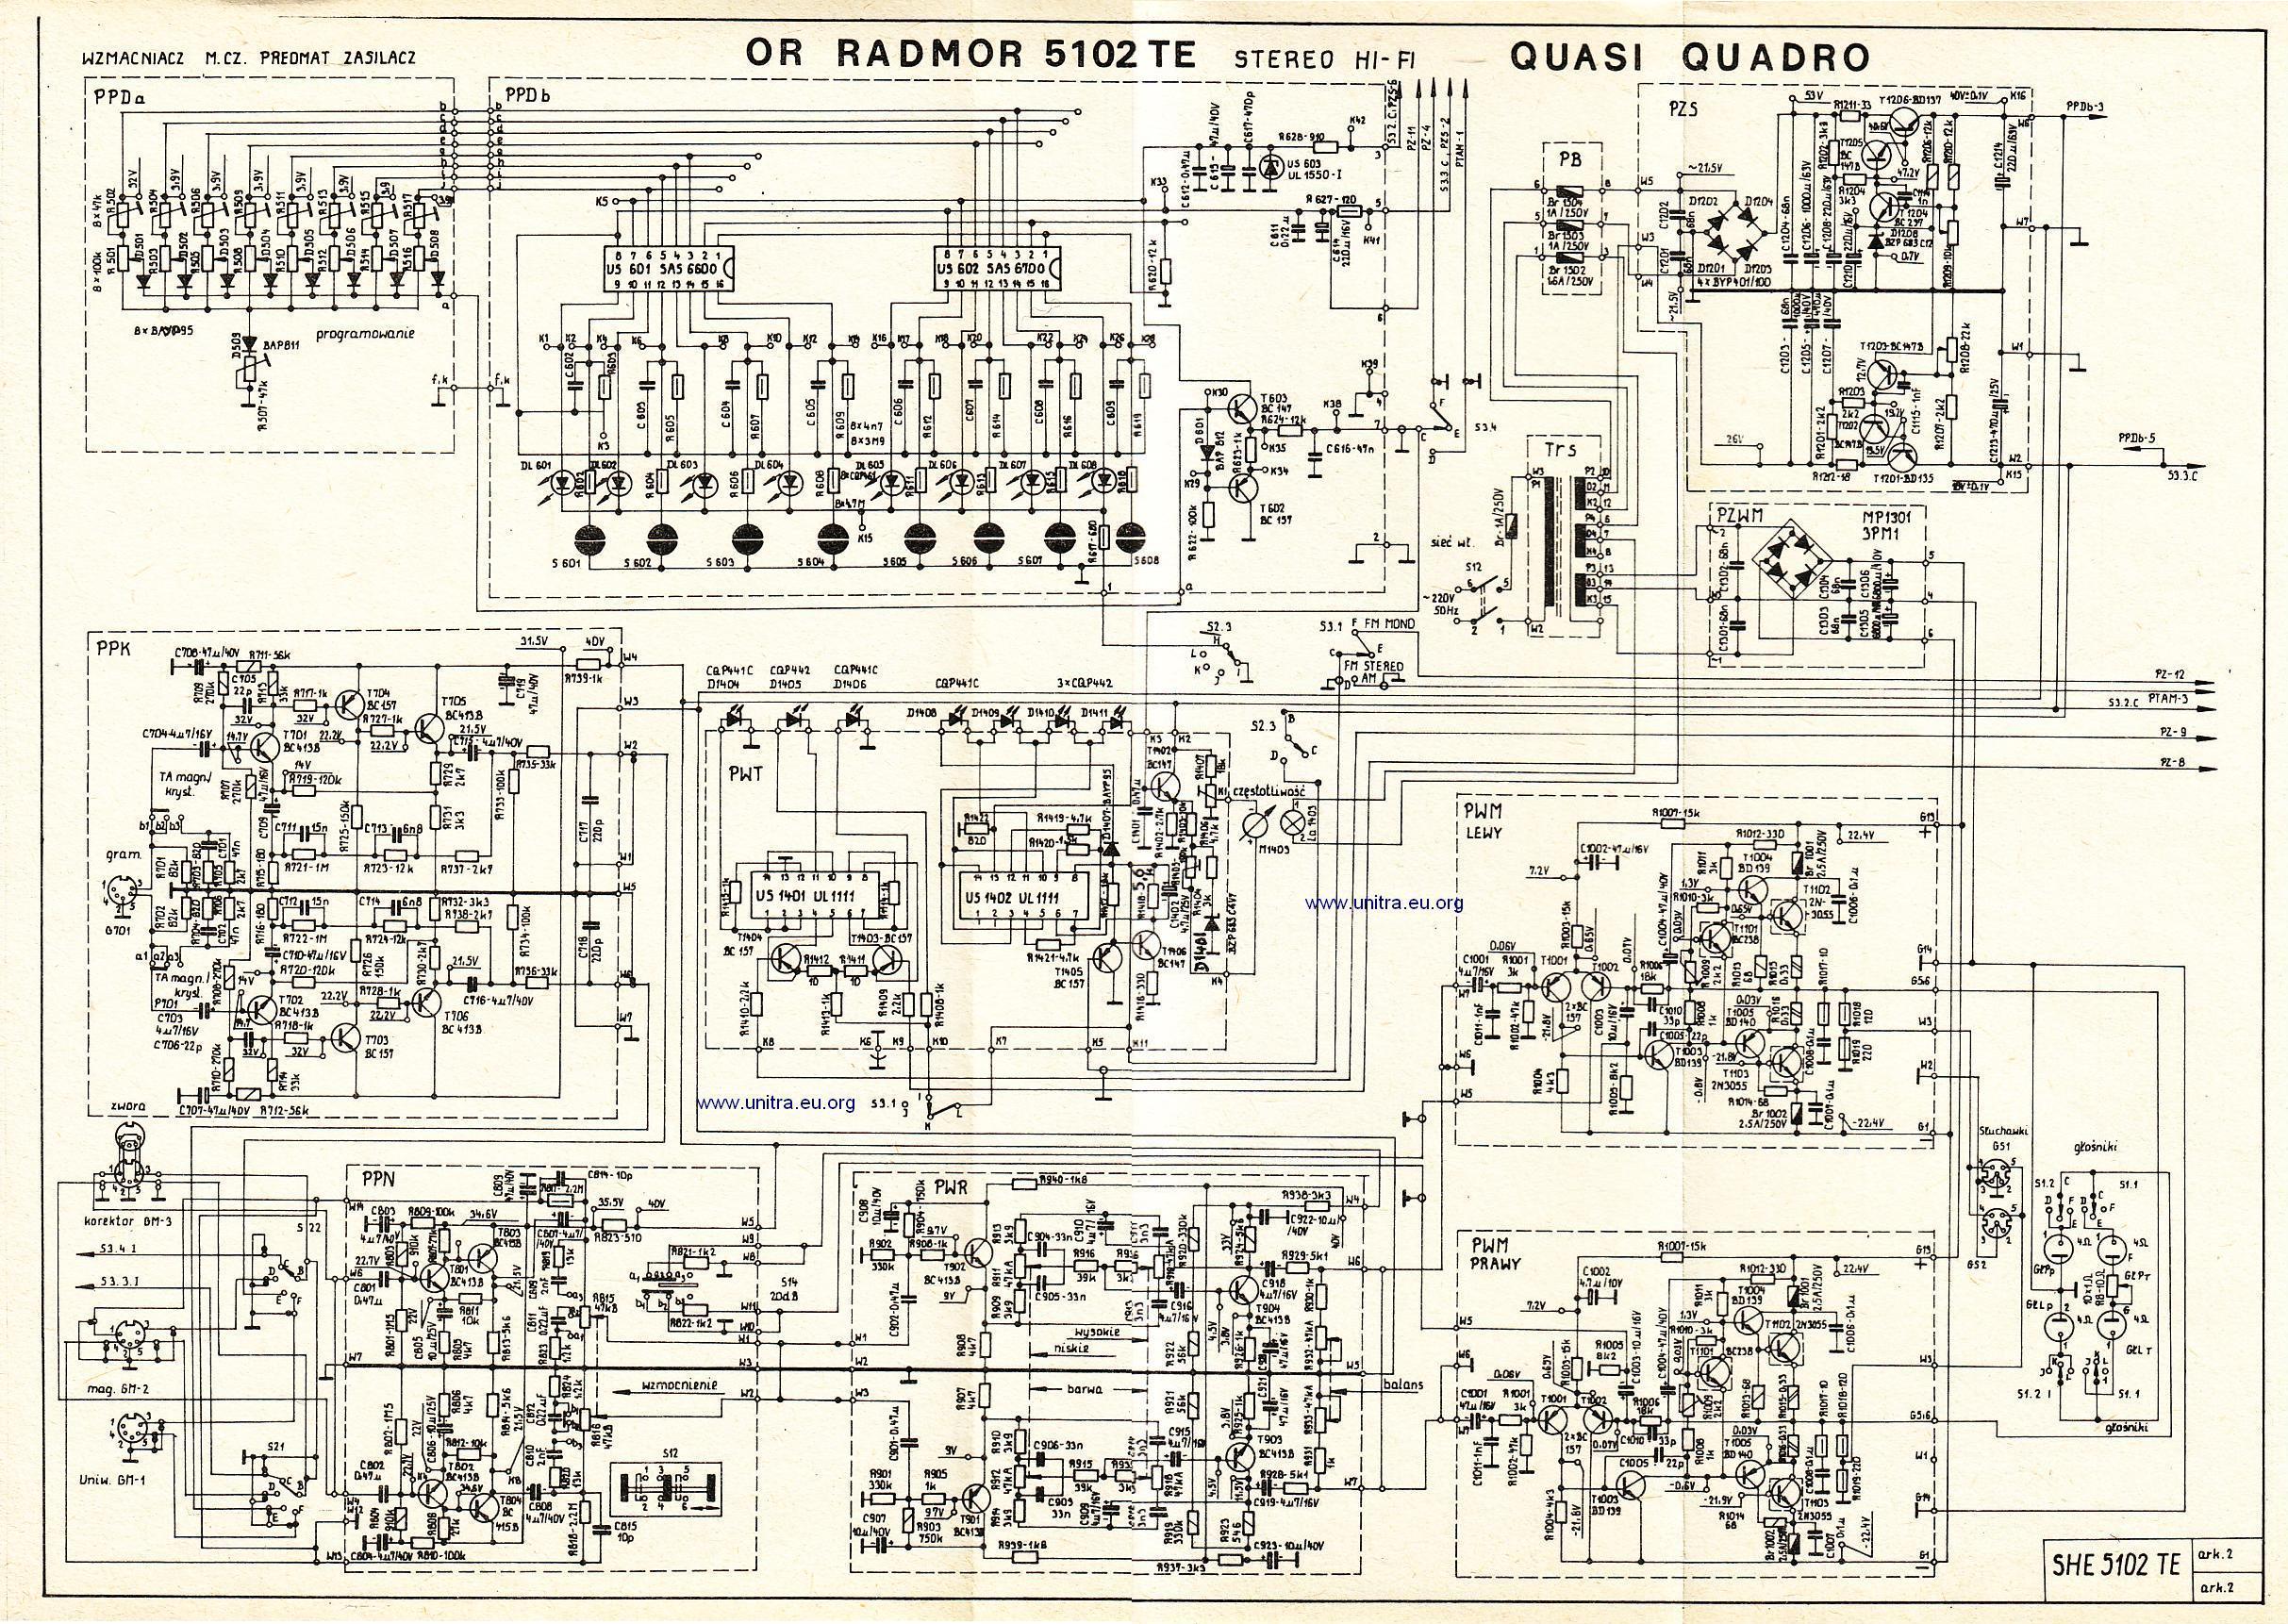 Braku�ce elementy w Radmor 5102